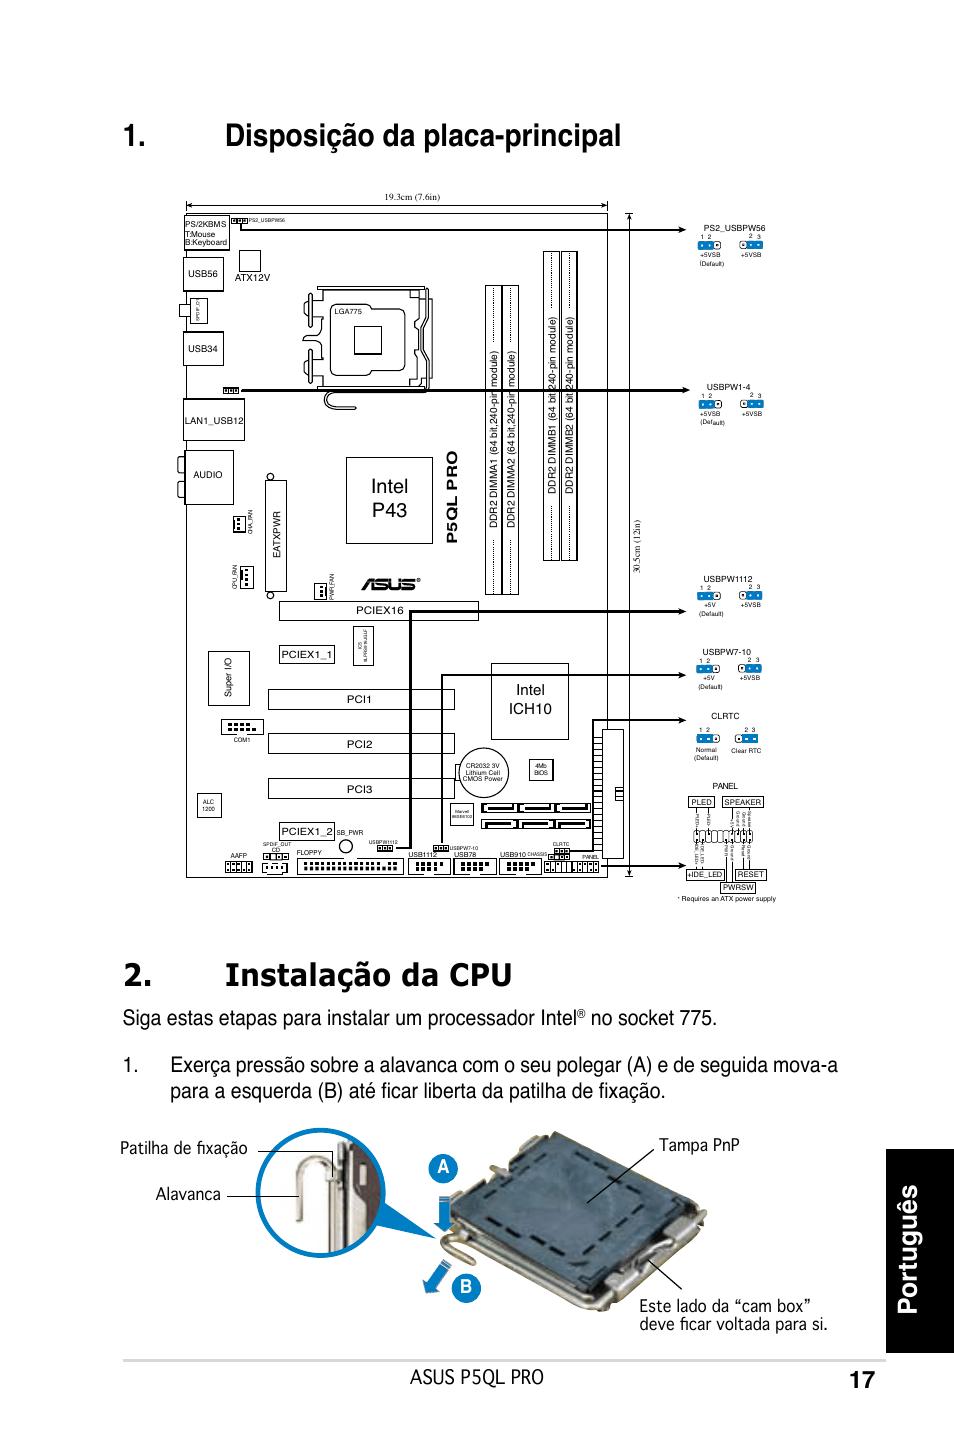 Disposição da placa-principal, Instalação da cpu